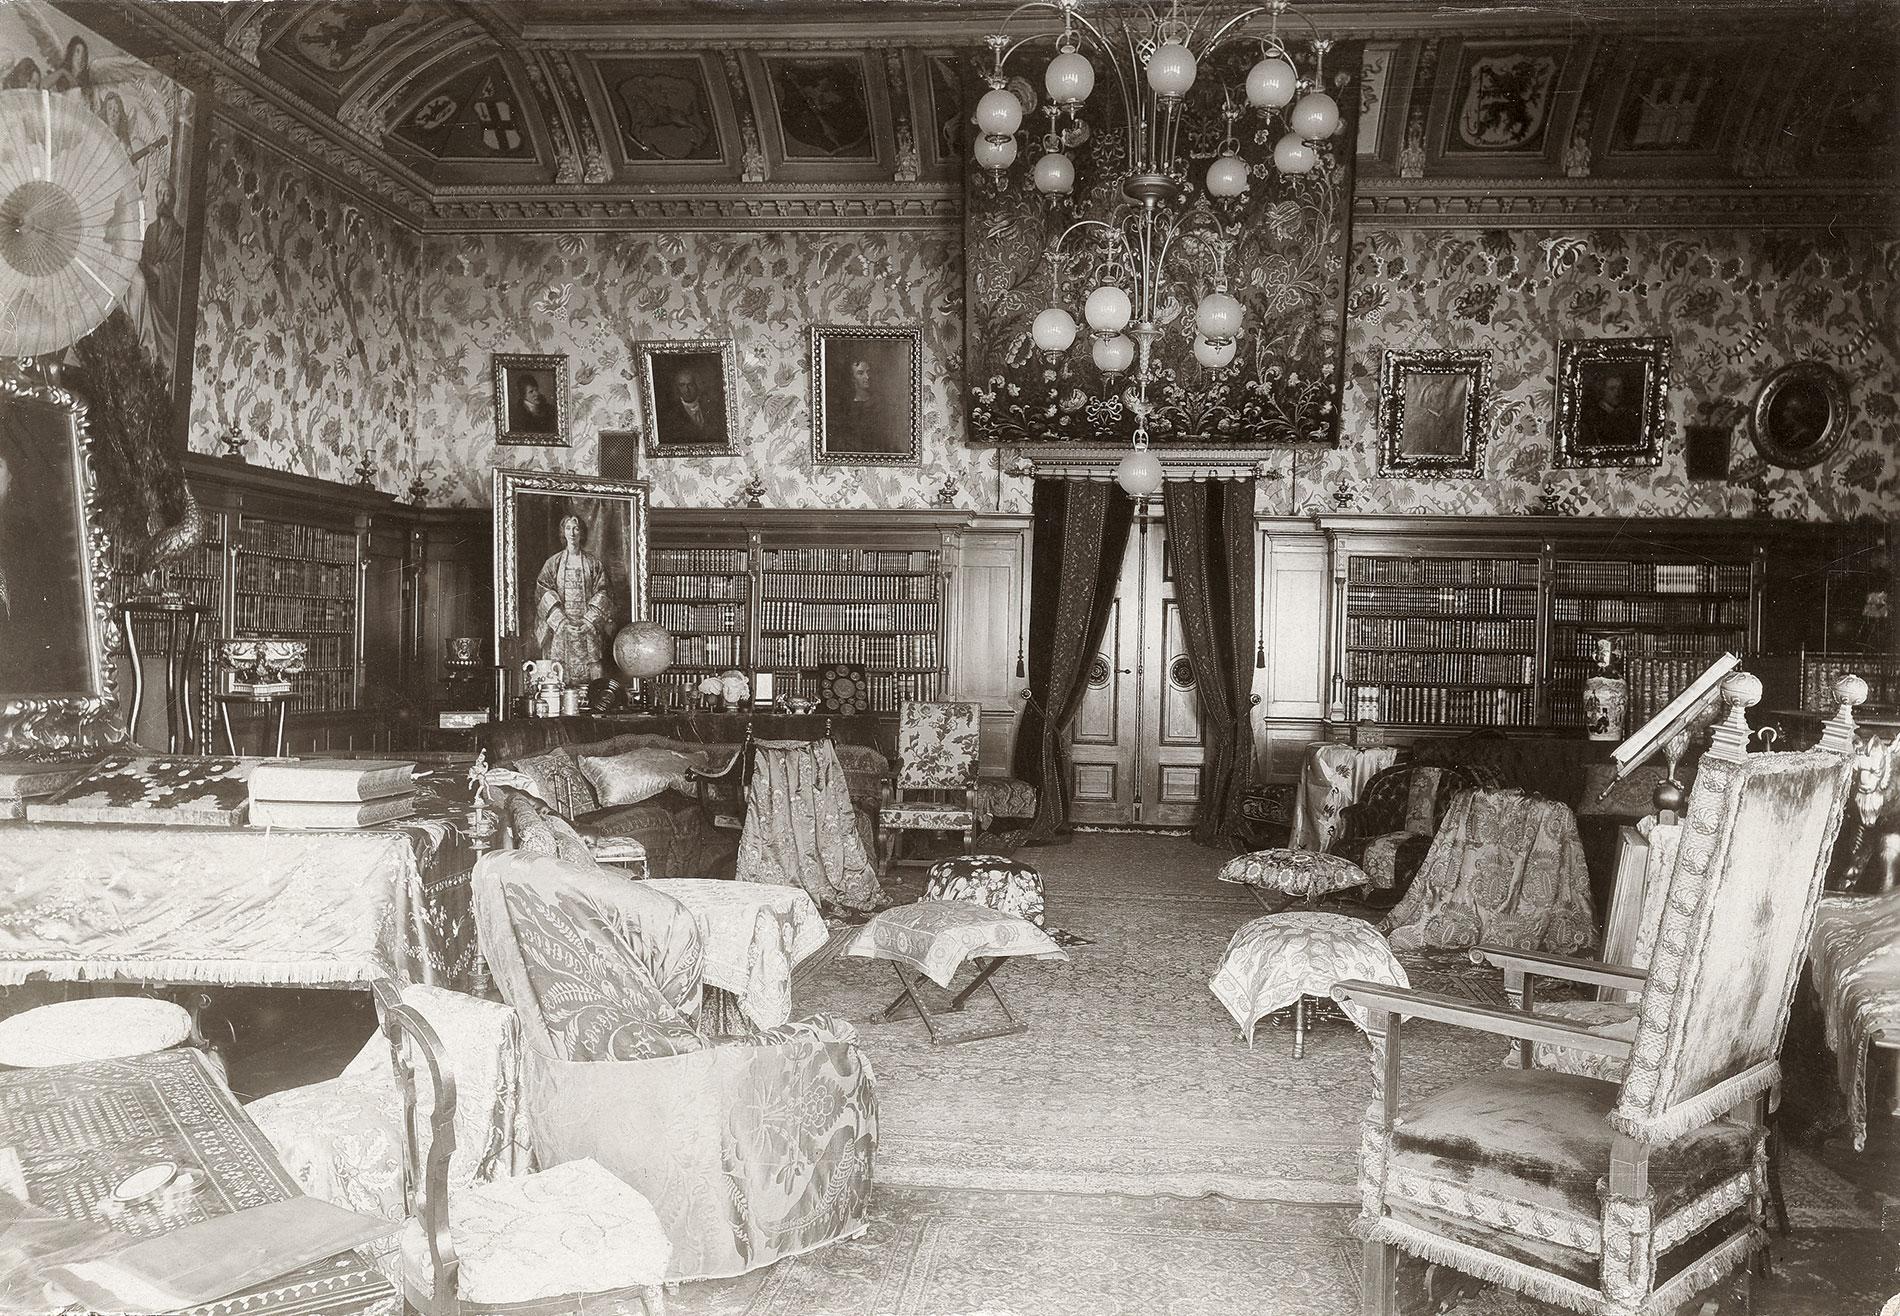 Großer Saal mit der Wagner-Bibliothek im Haus Wahnfried um 1900; Richard Wagner Museum, Bayreuth